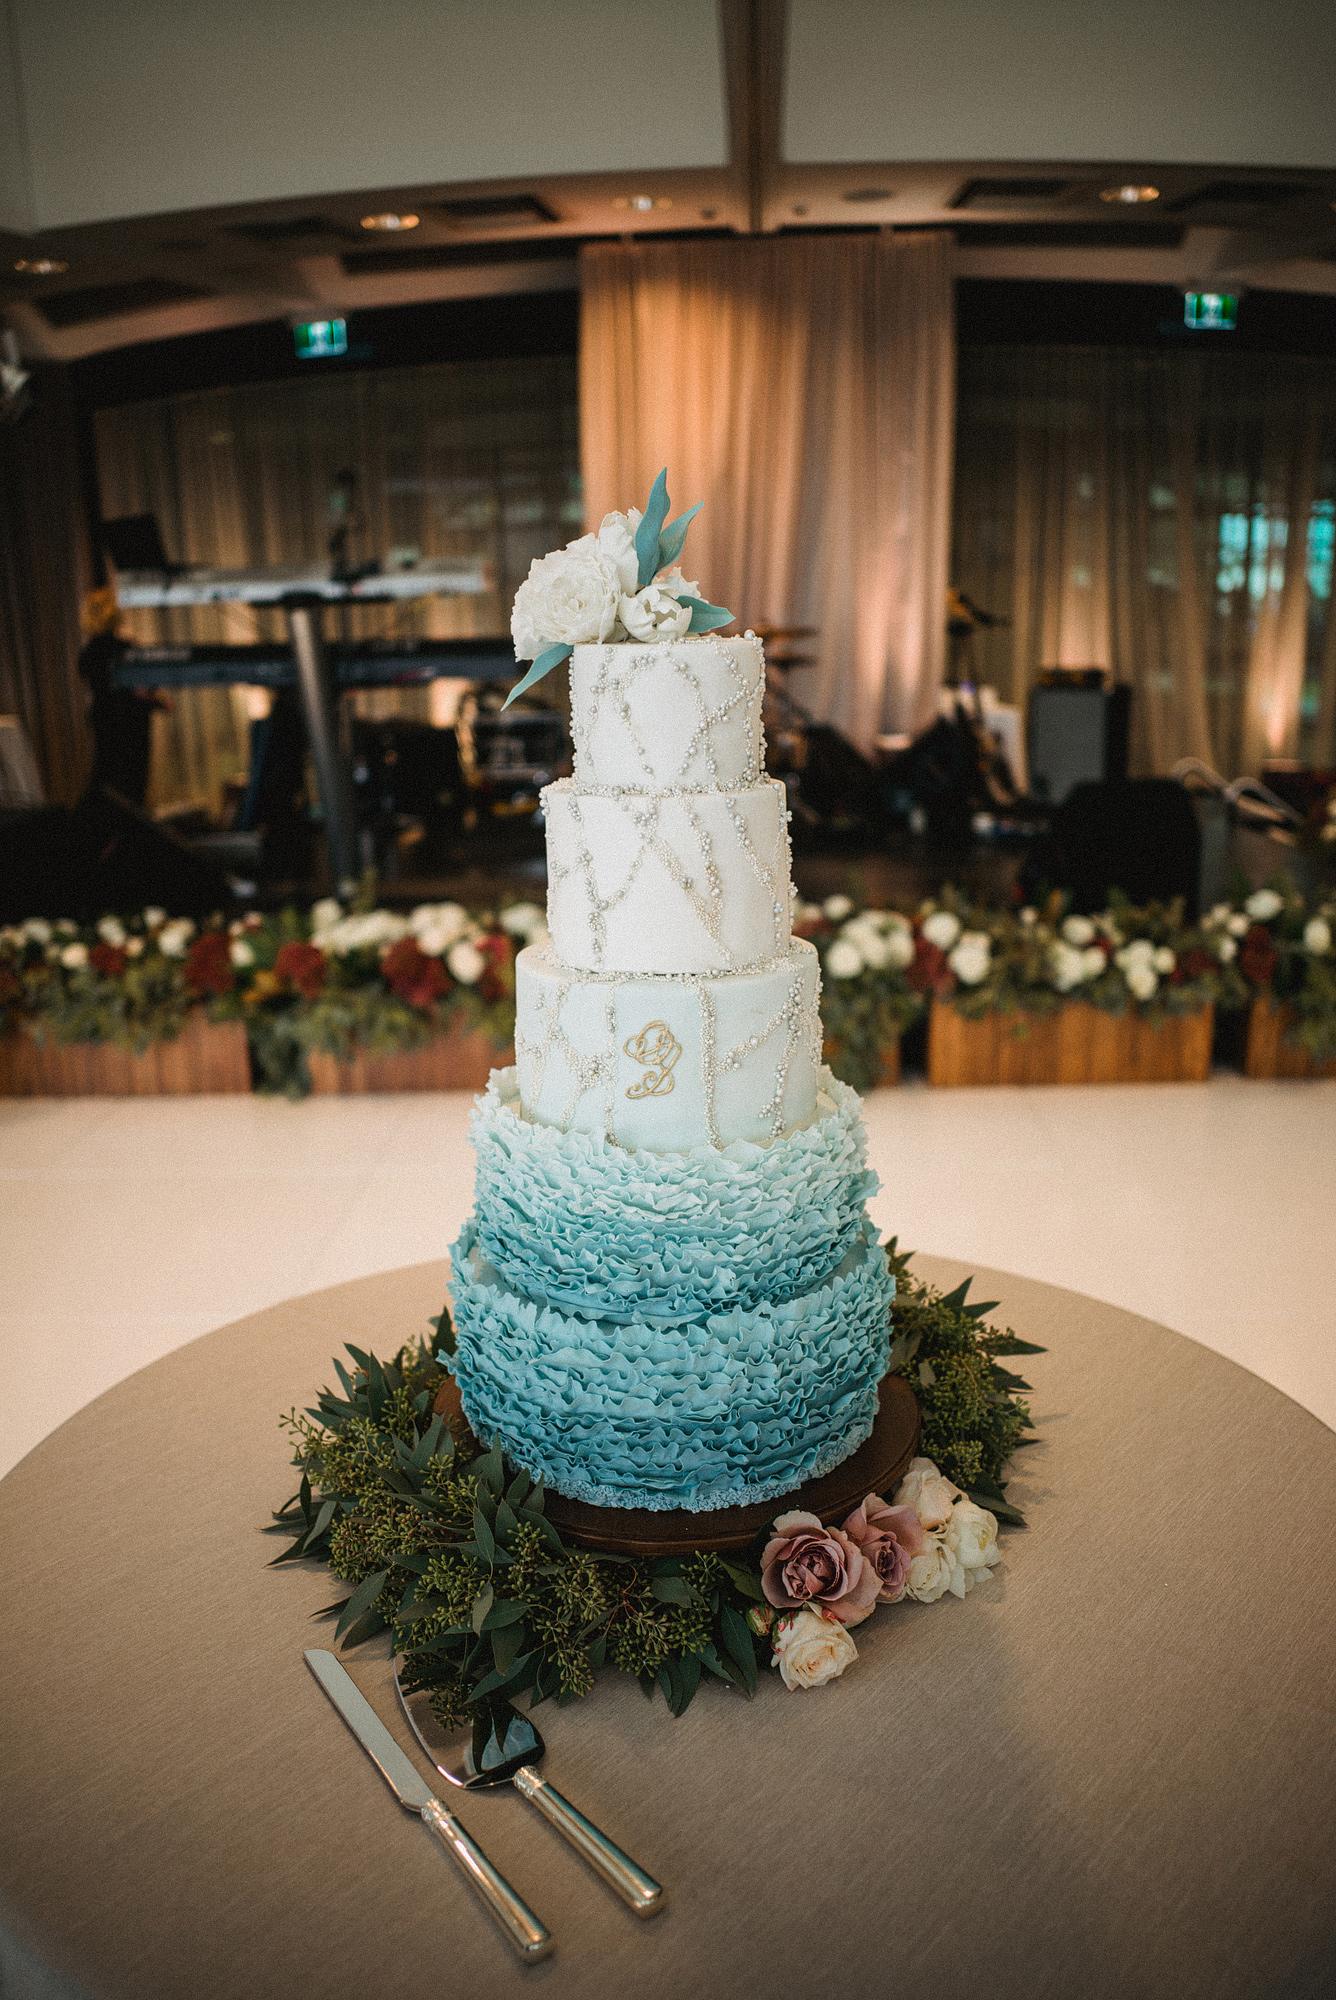 Ceci_New_York_Custom_Invitation_Australia_Perth_Destination_Wedding_Luxury_Personalized_Ceci_Style_Bride_61.jpg